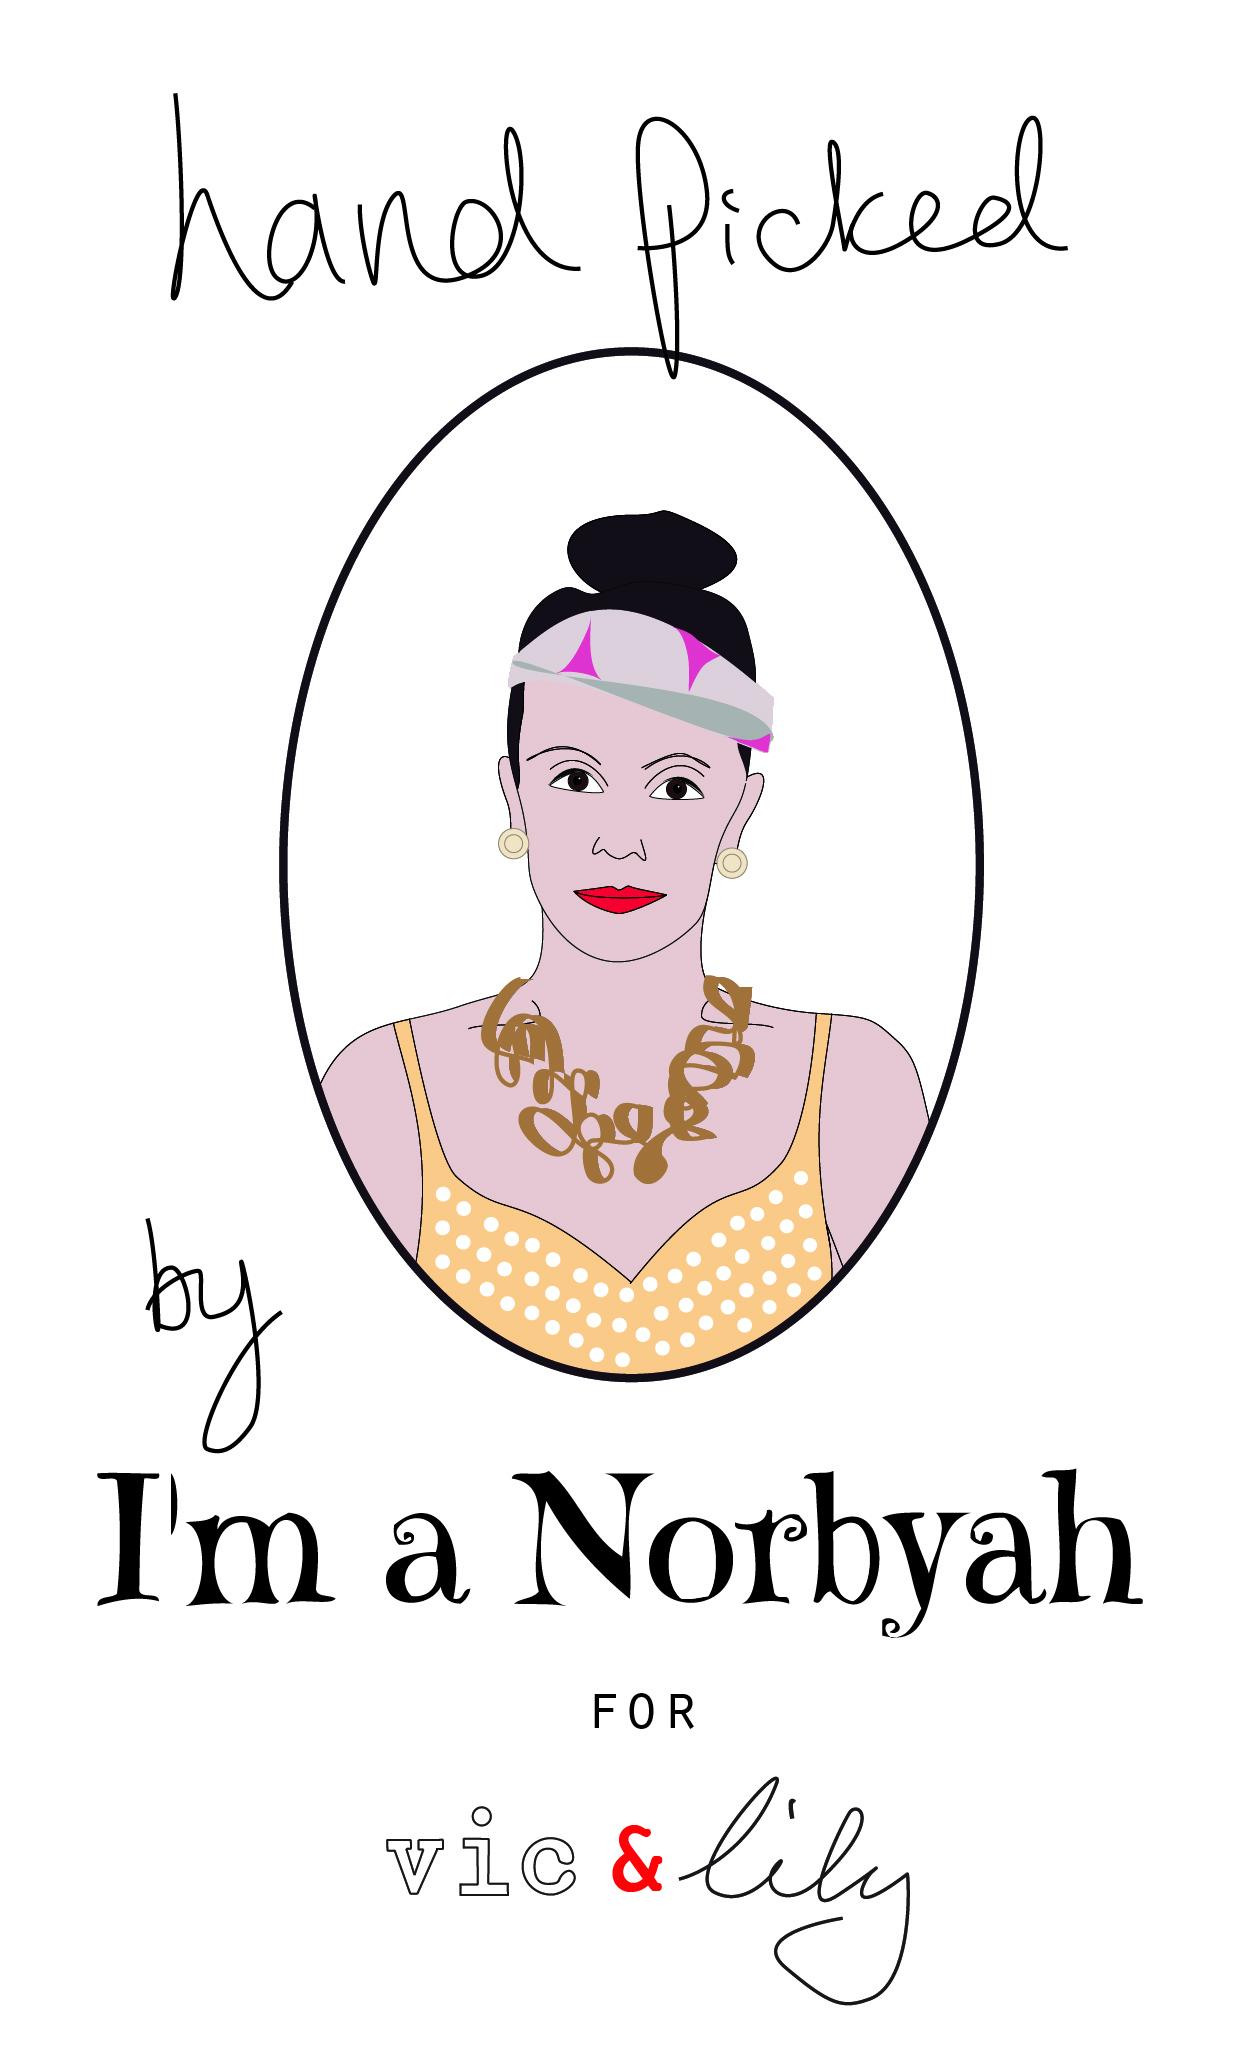 NorbyahPicks